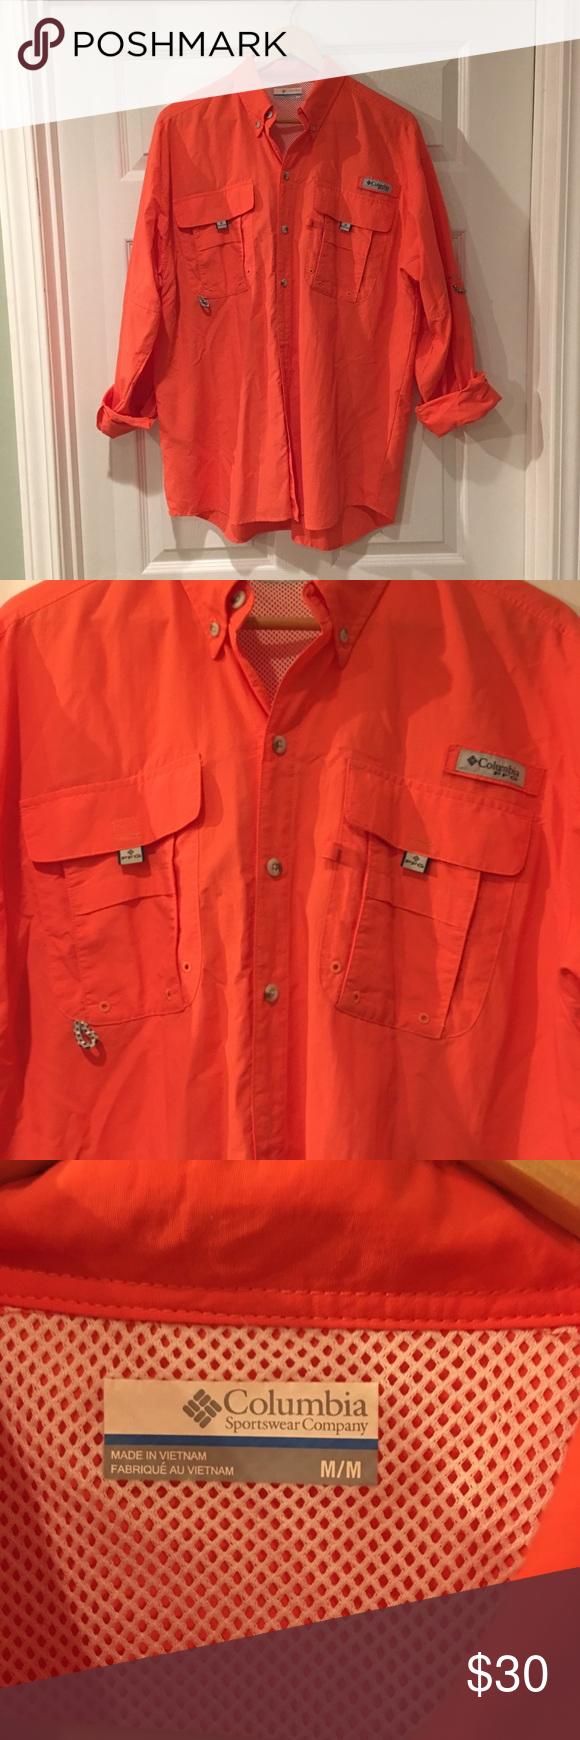 Columbia Pfg Fishing Shirt Size M Omni Shade For Maximum Sun